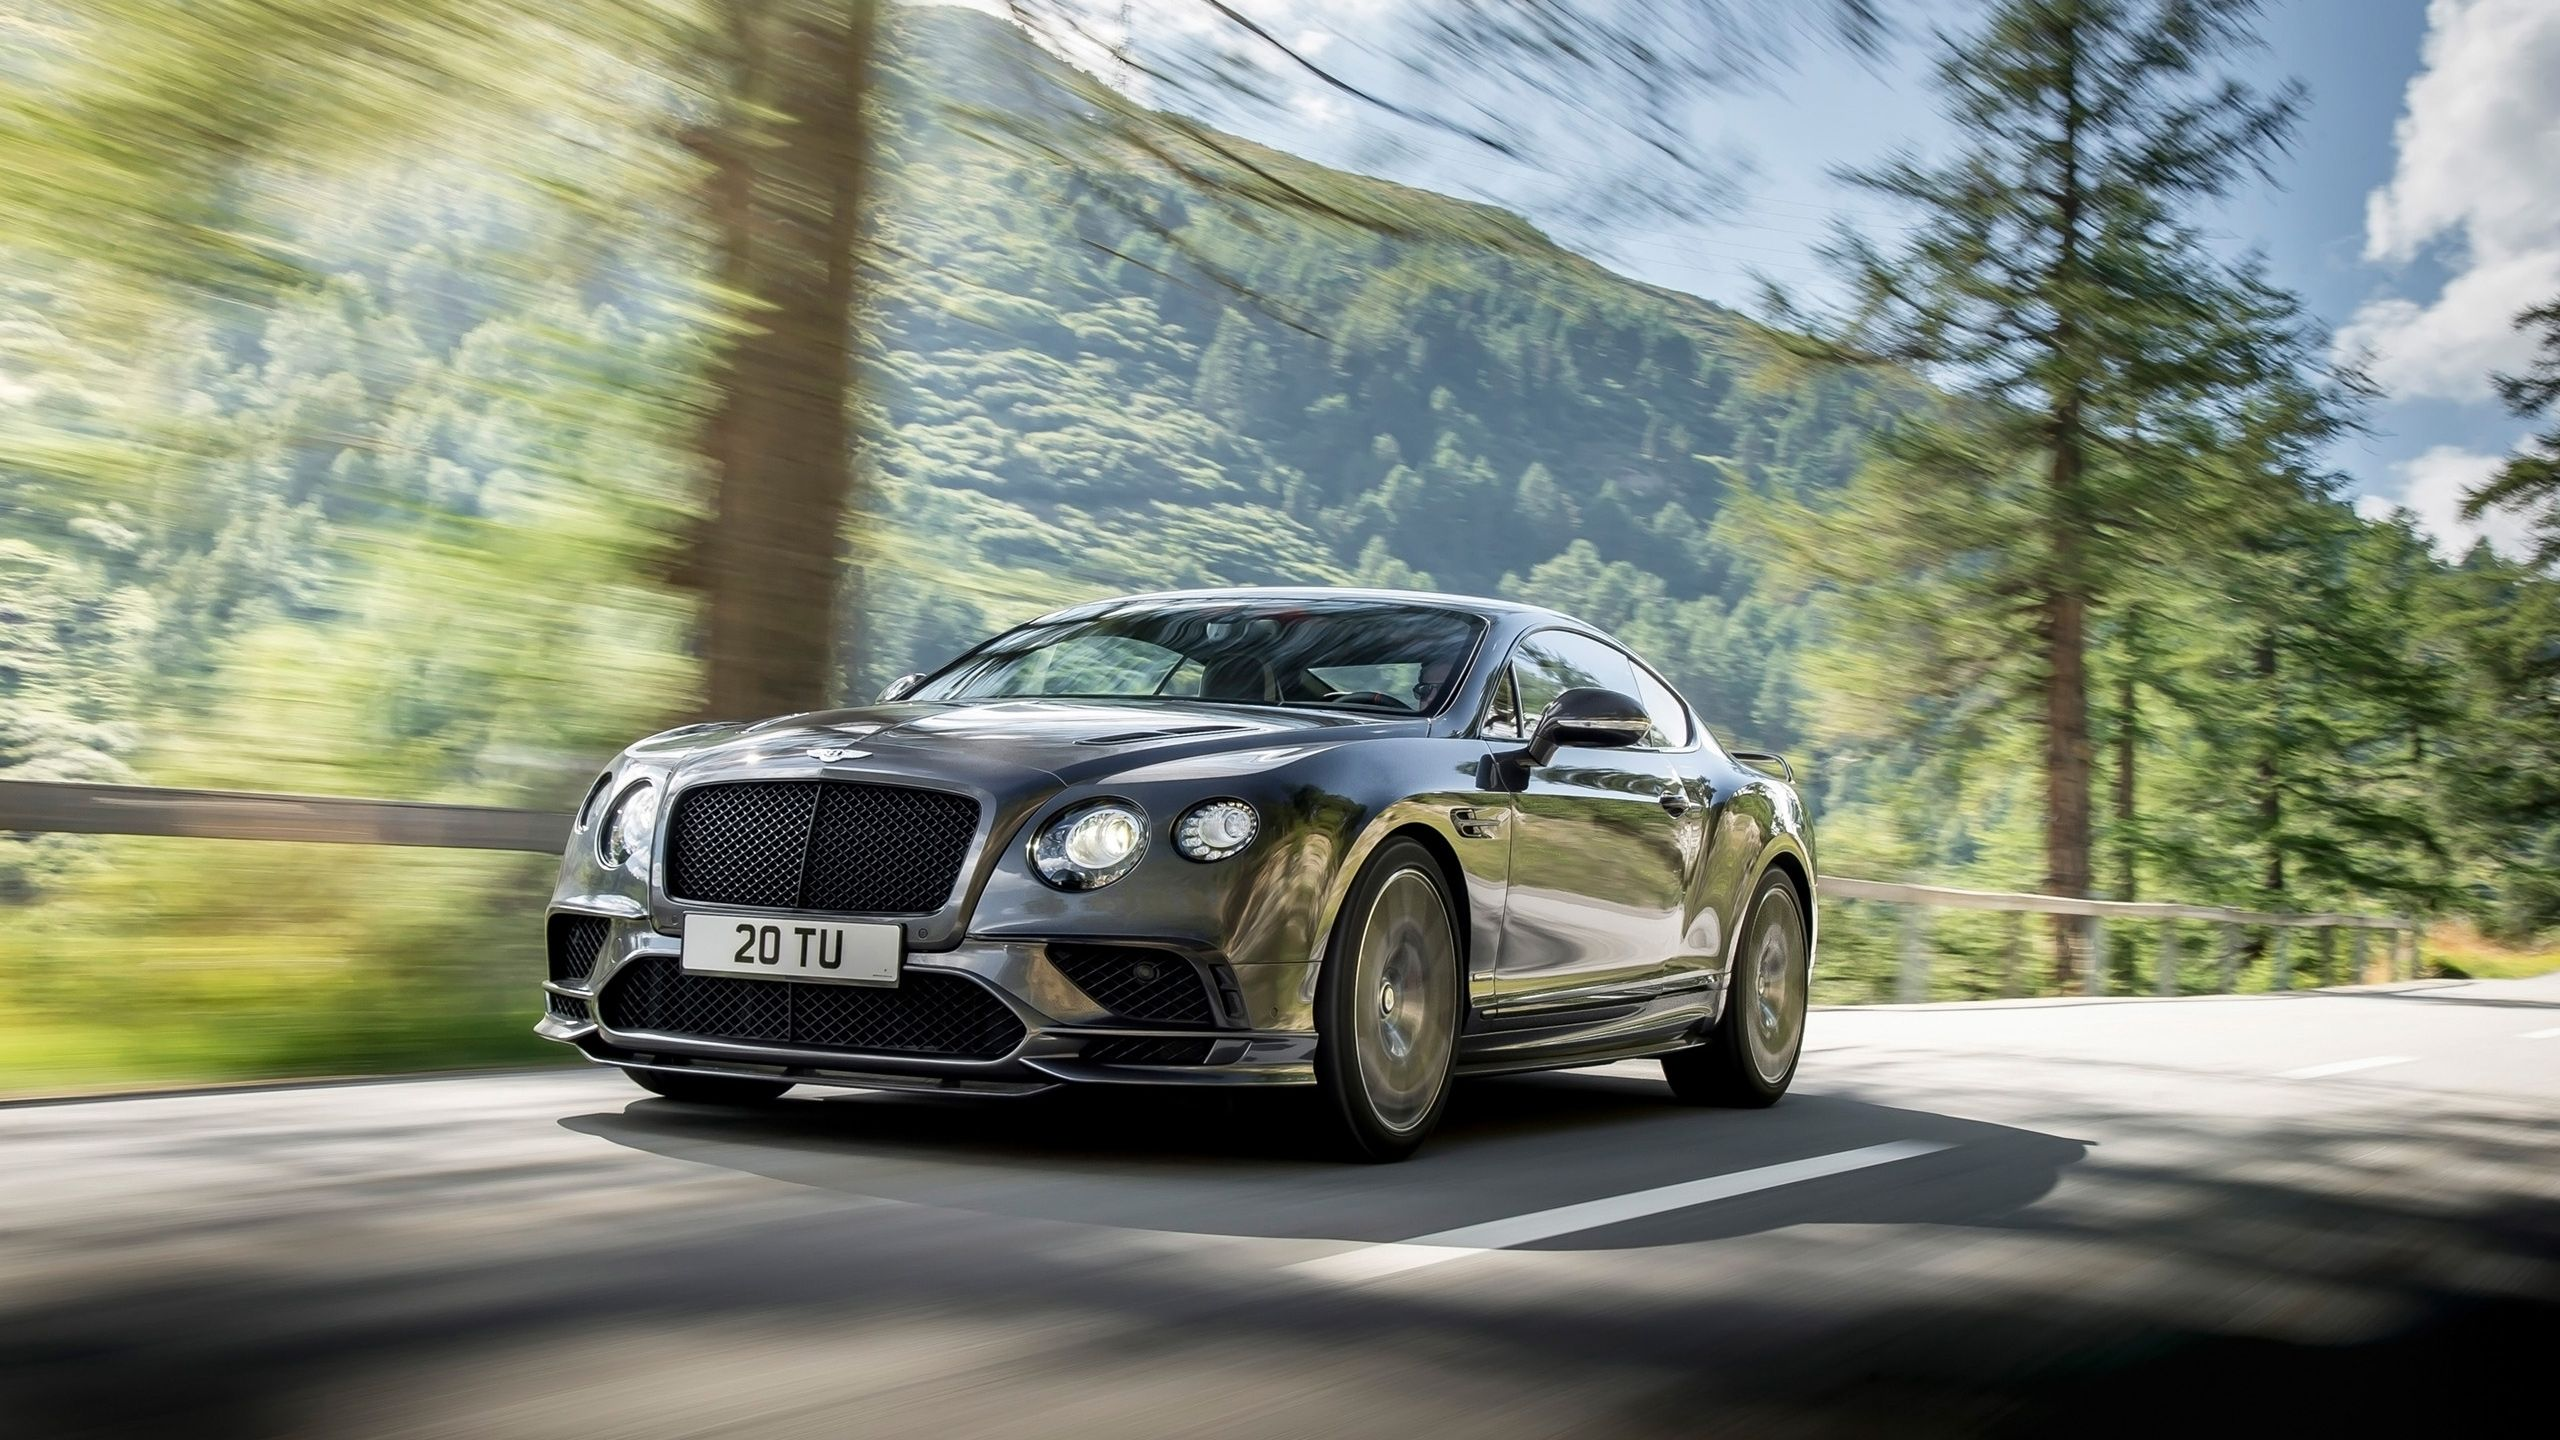 Bentley Wallpapers Top Free Bentley Backgrounds Wallpaperaccess